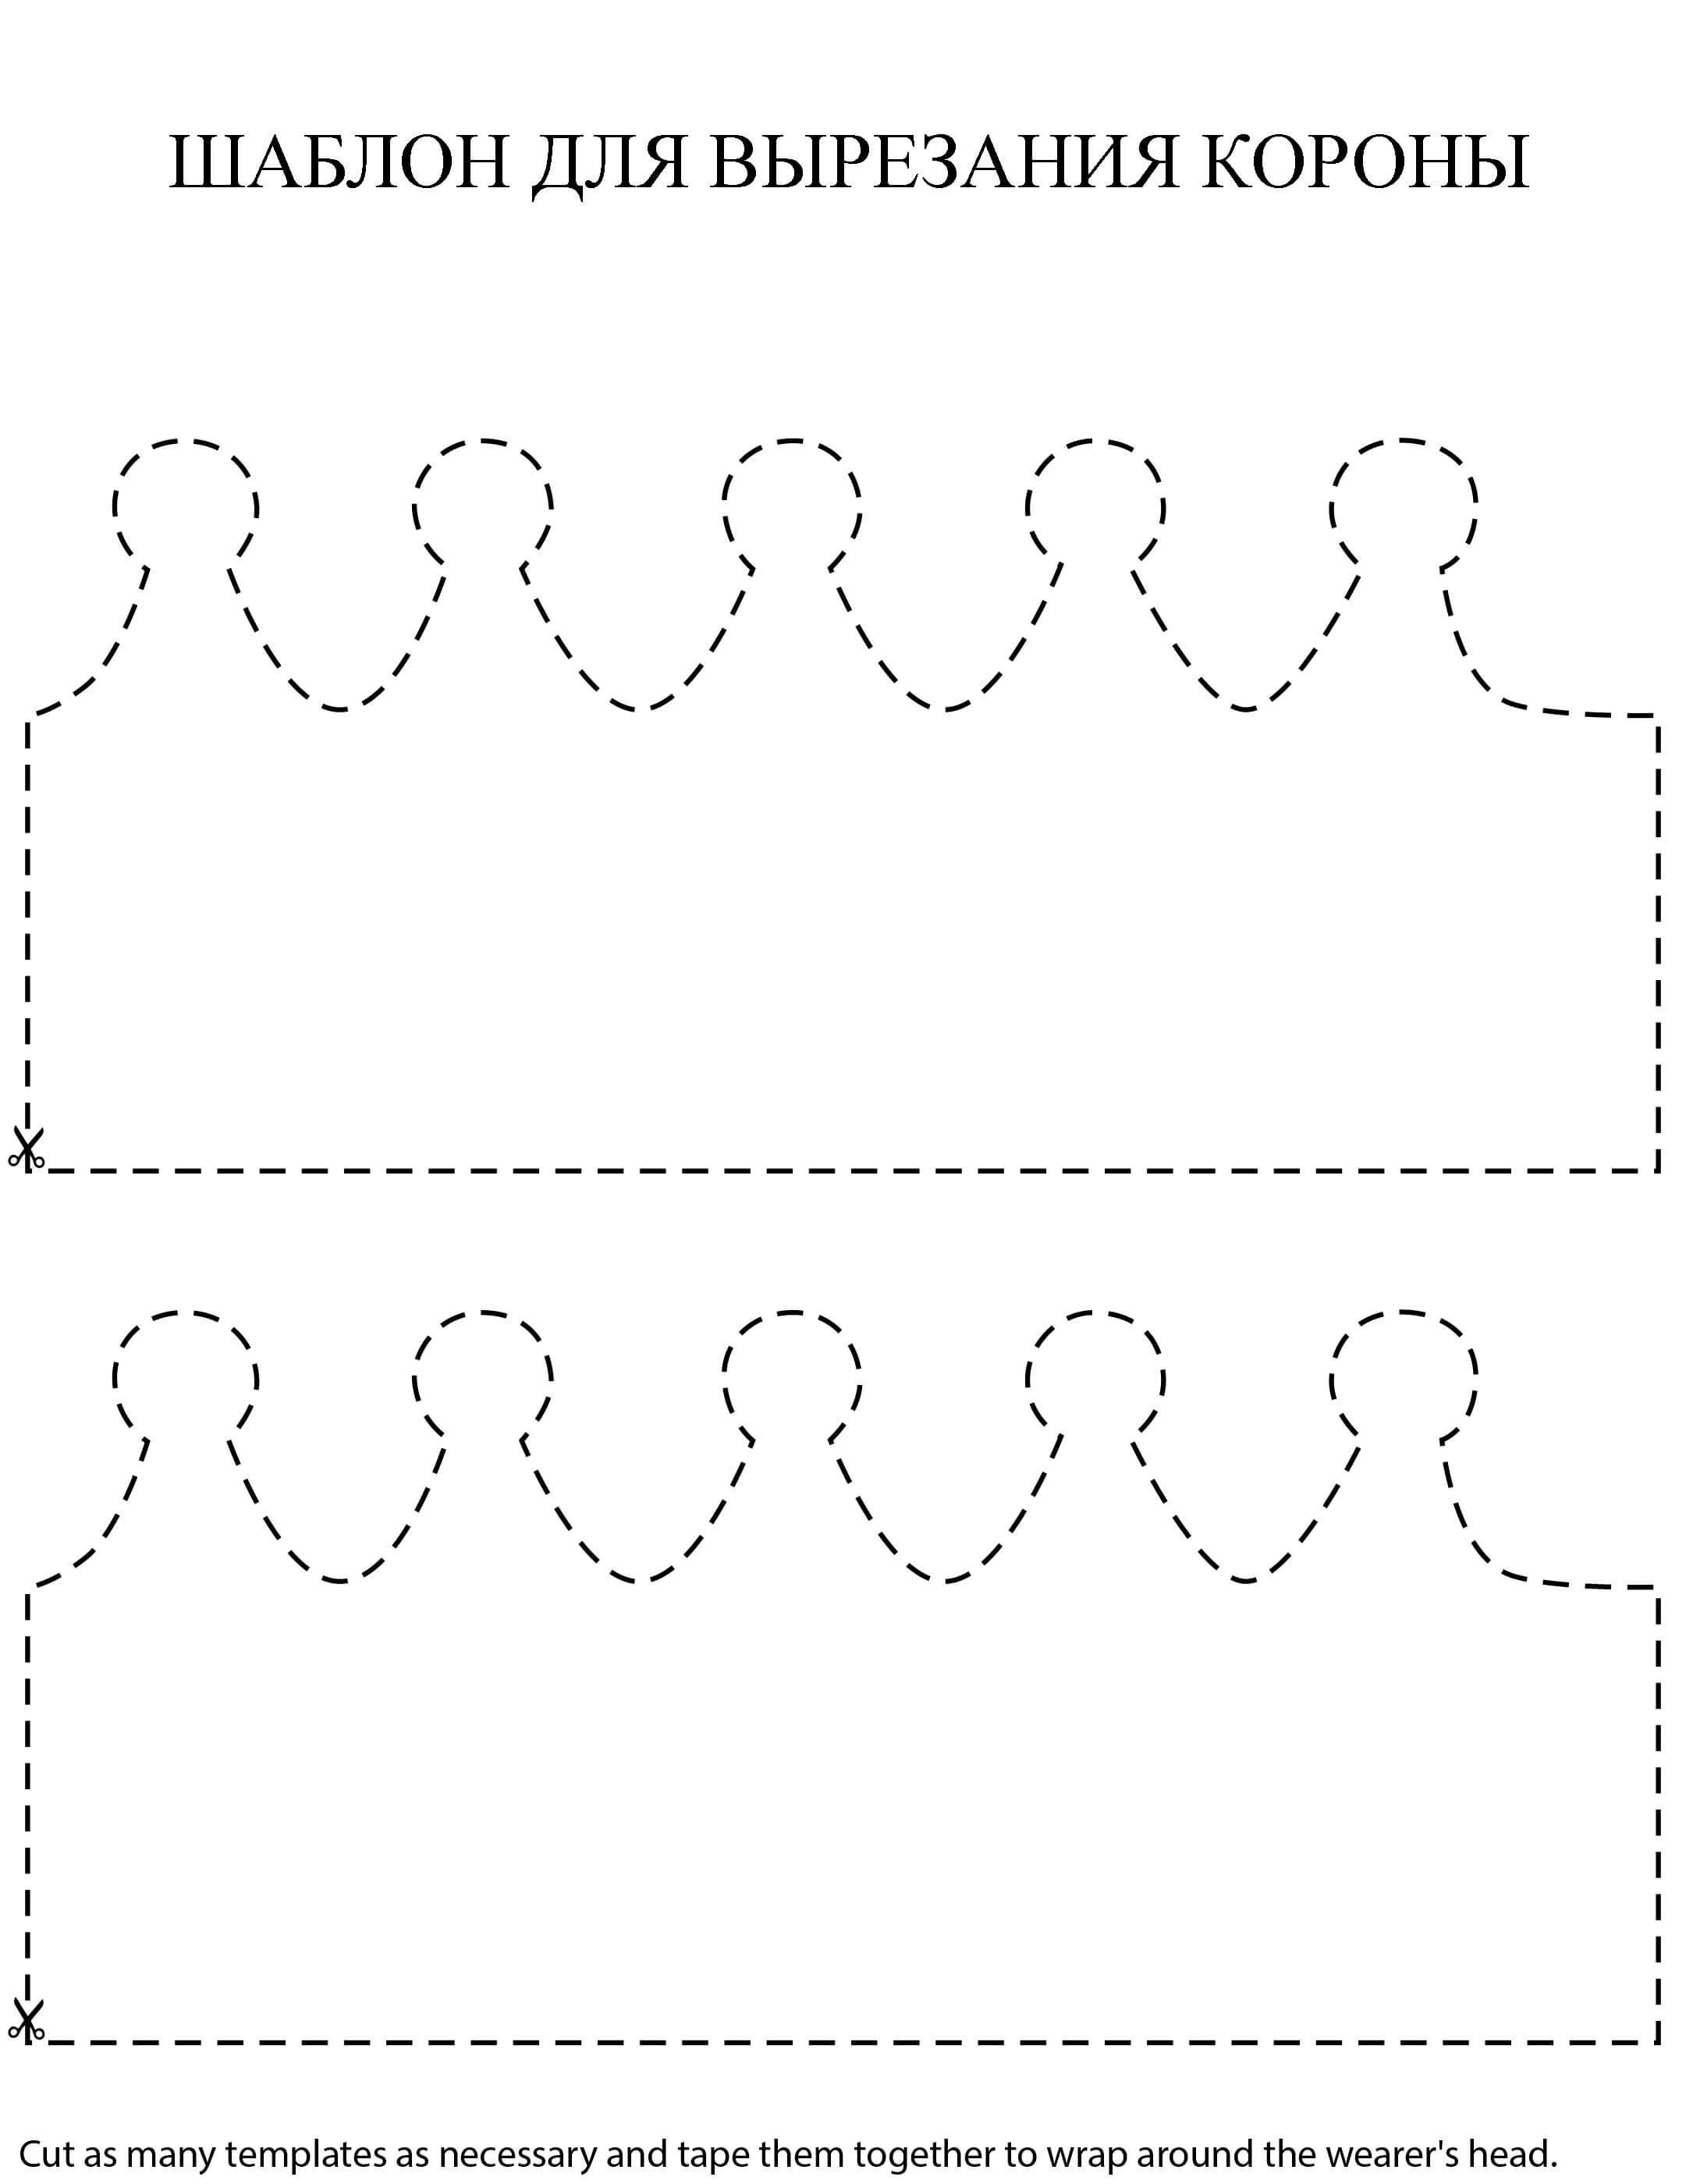 Как распечатать или сделать своими руками трафарет